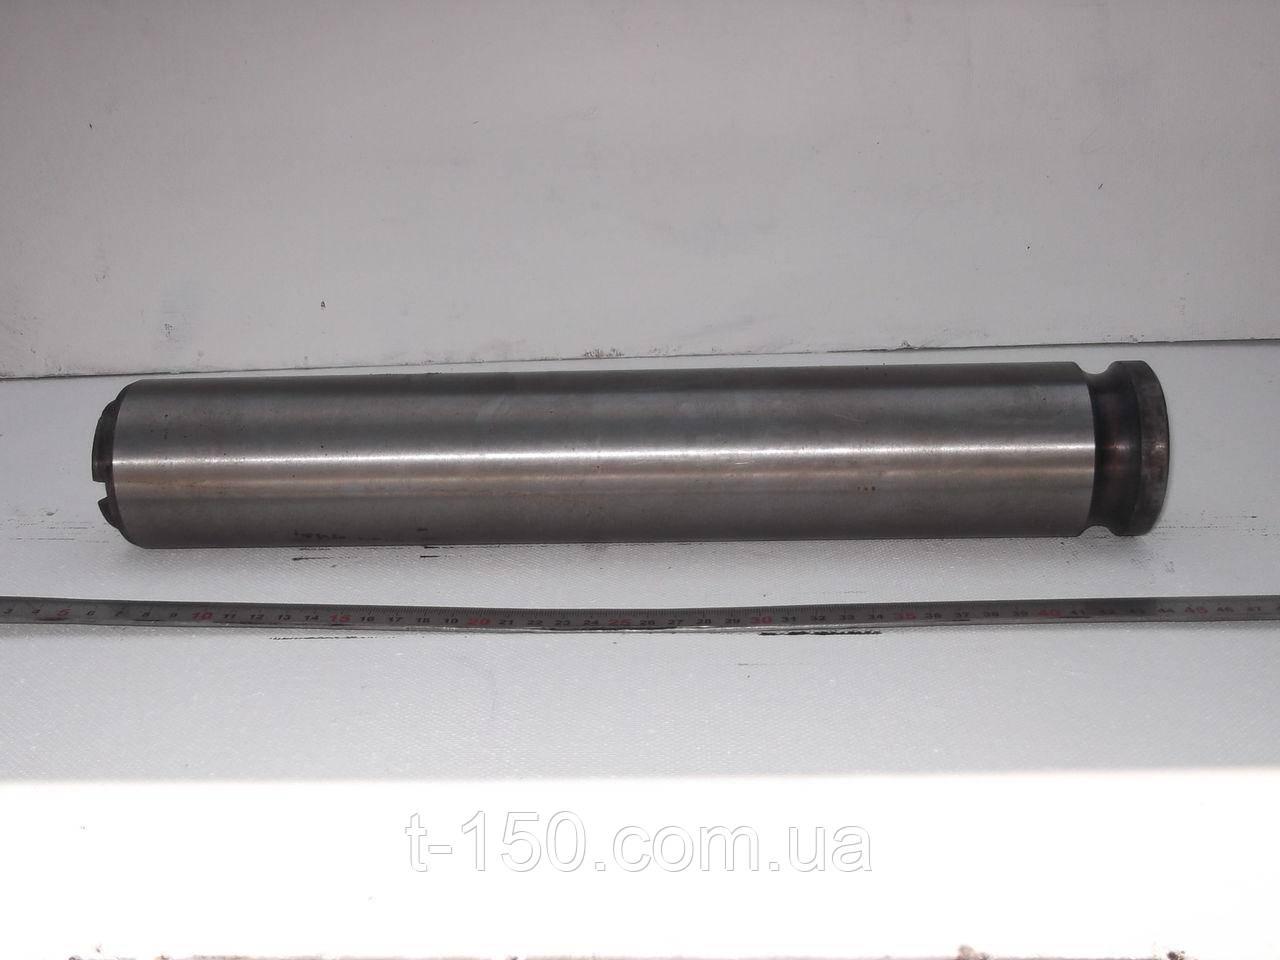 Цапфа ДТ-75 (77.30.018)